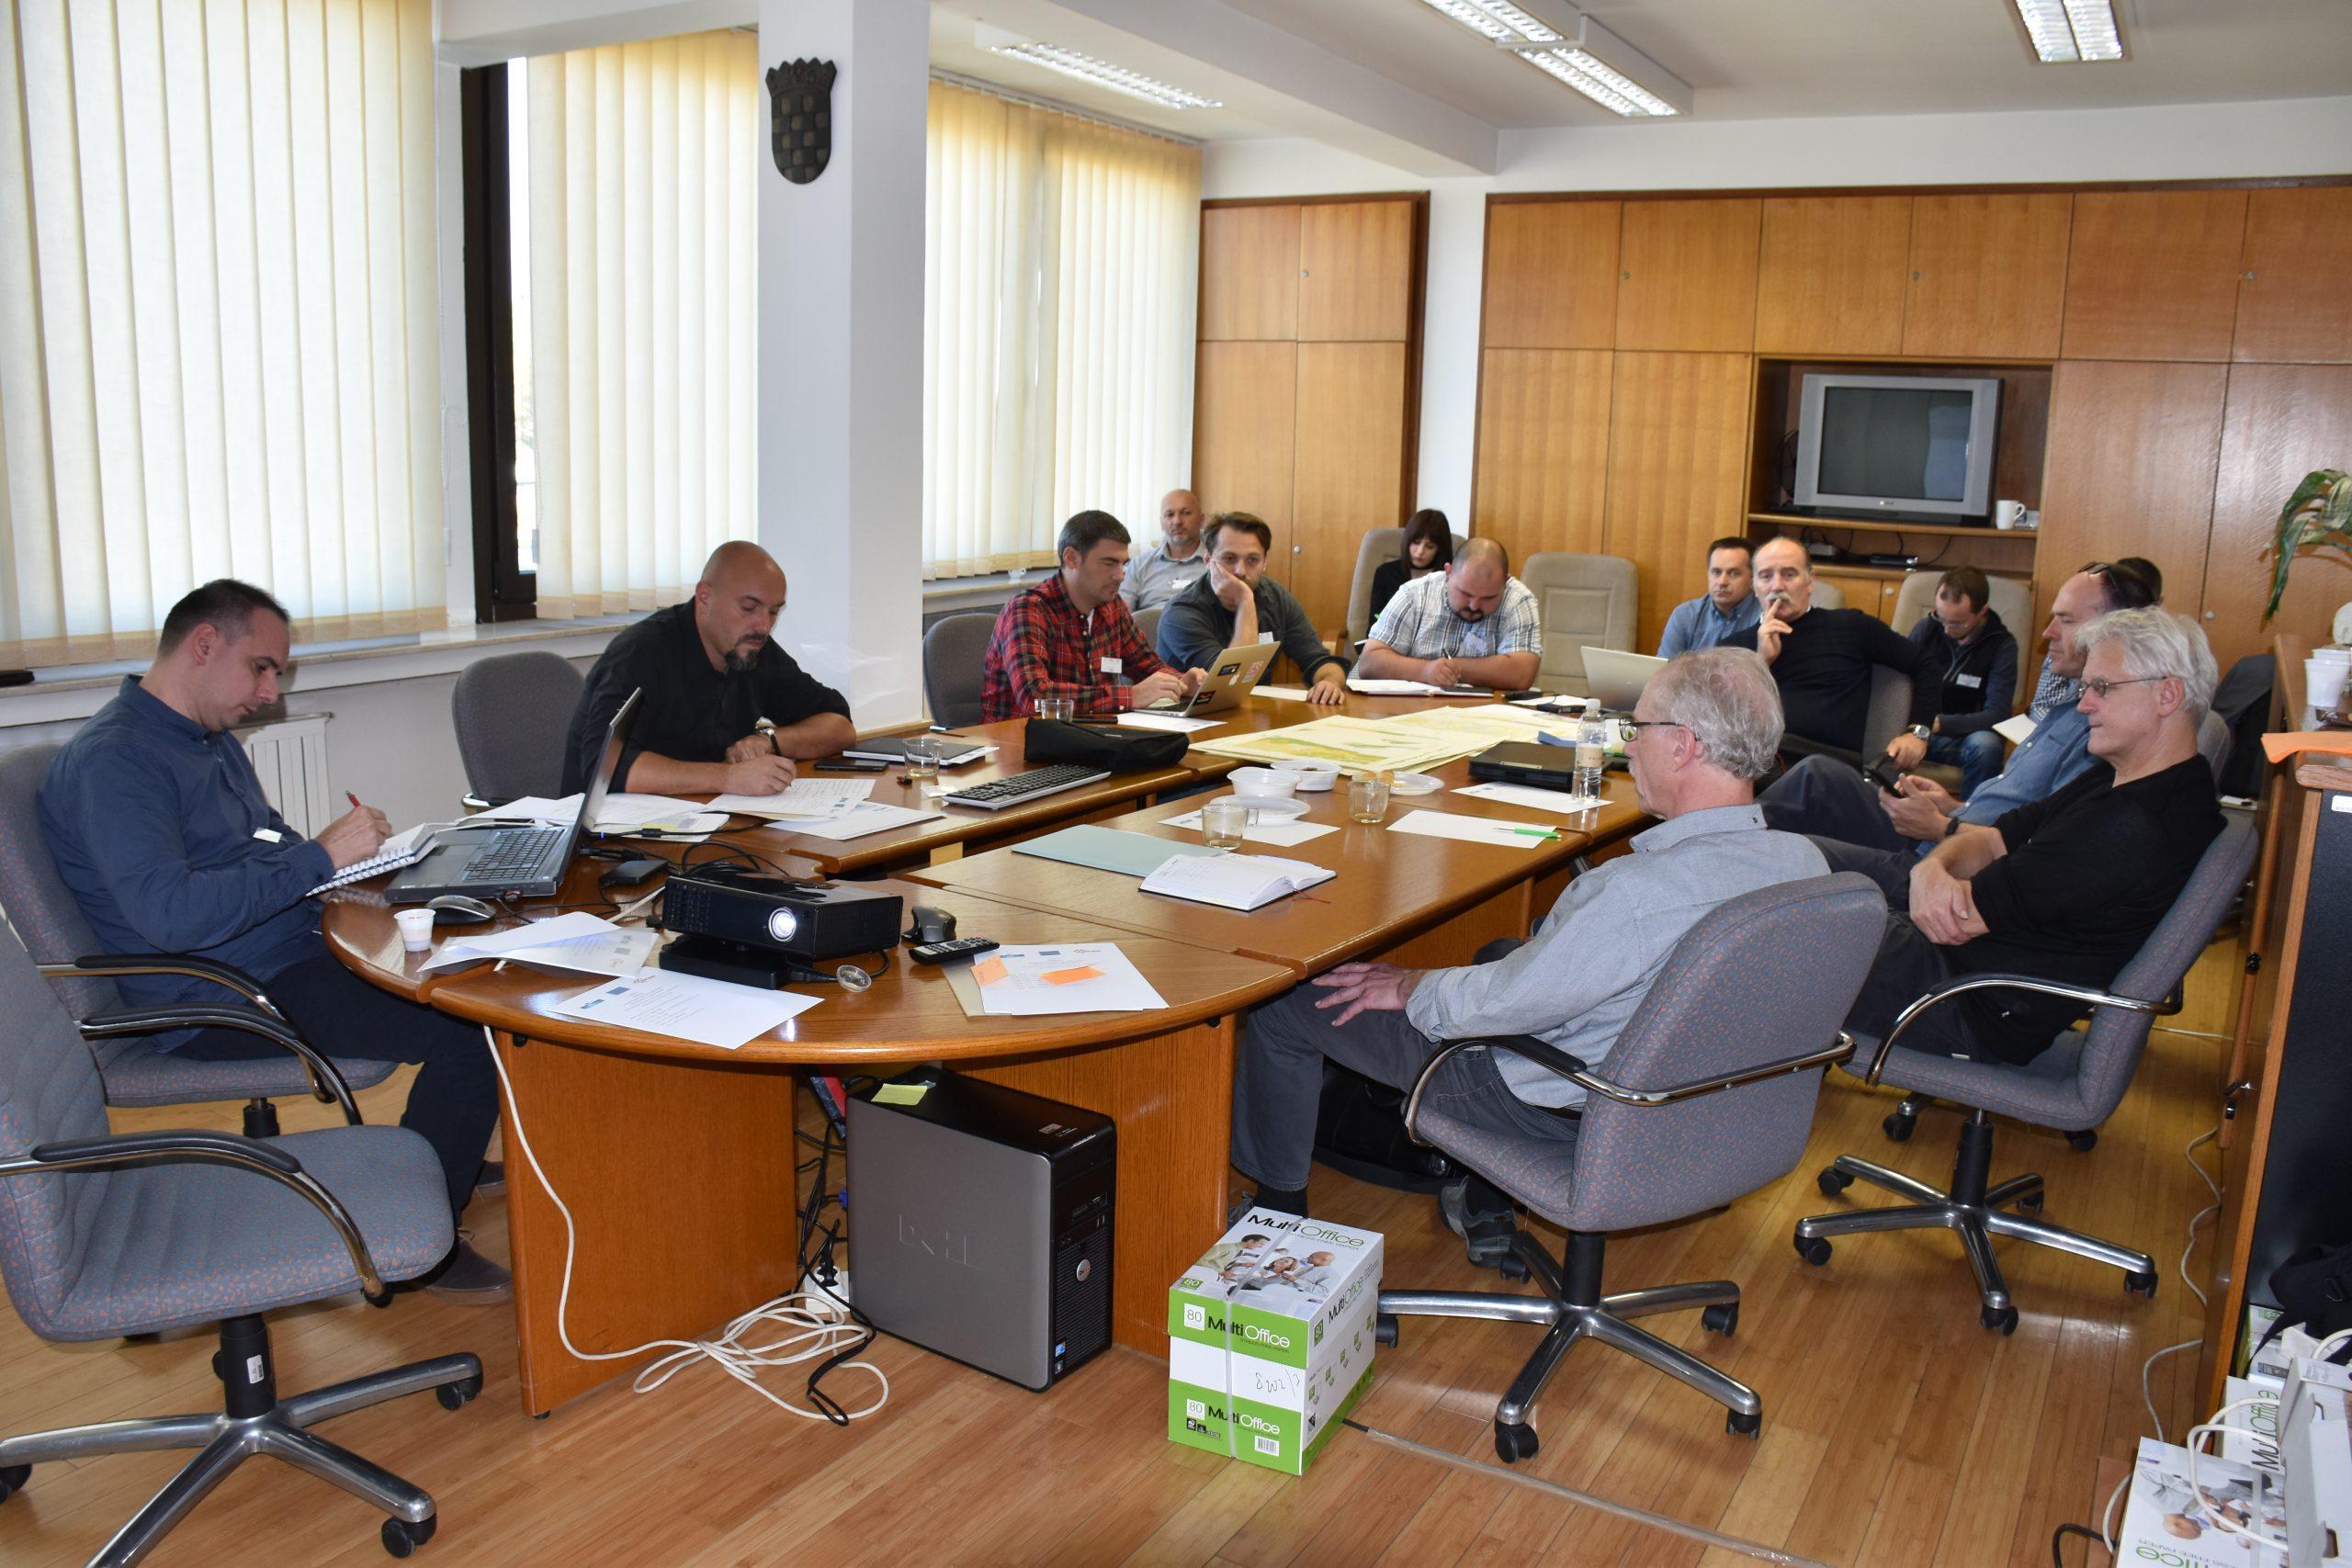 Slika 2. Pojedinačne radionice i treninzi